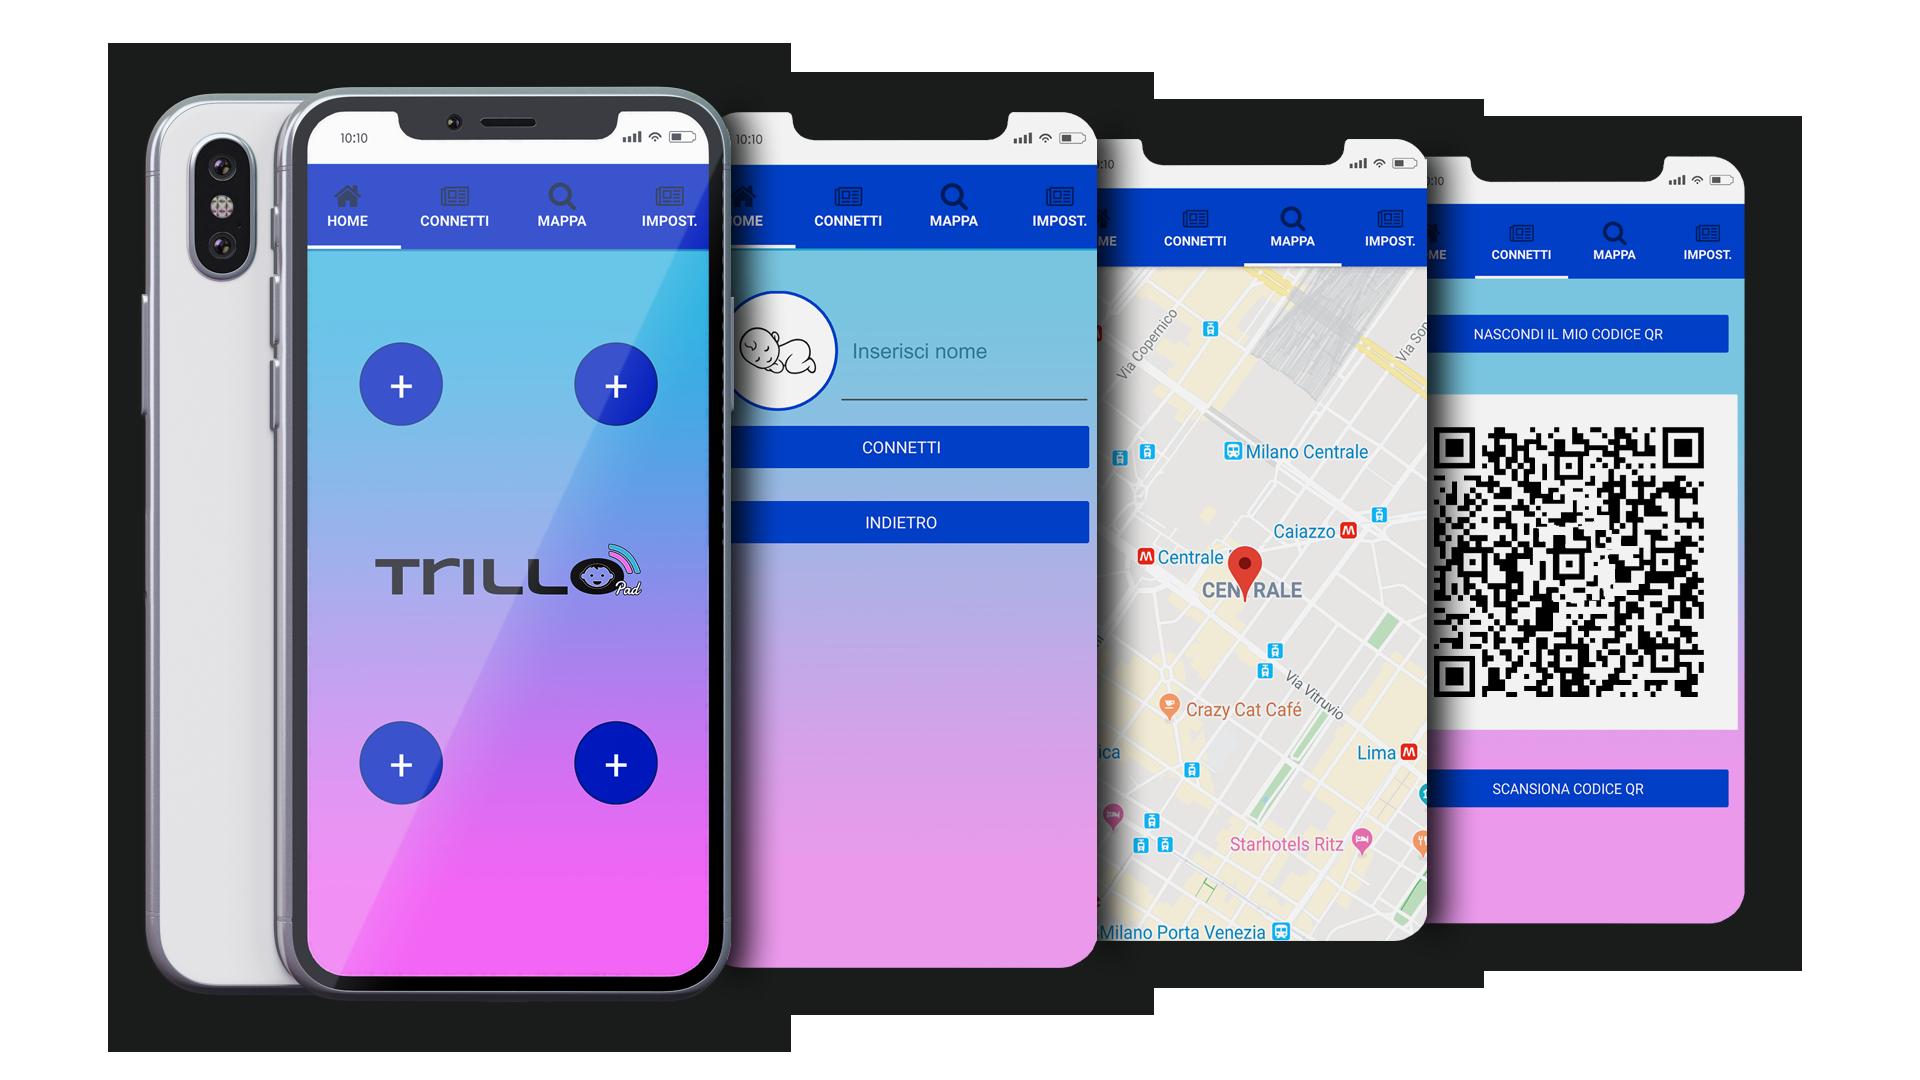 TrilloPad applicazione